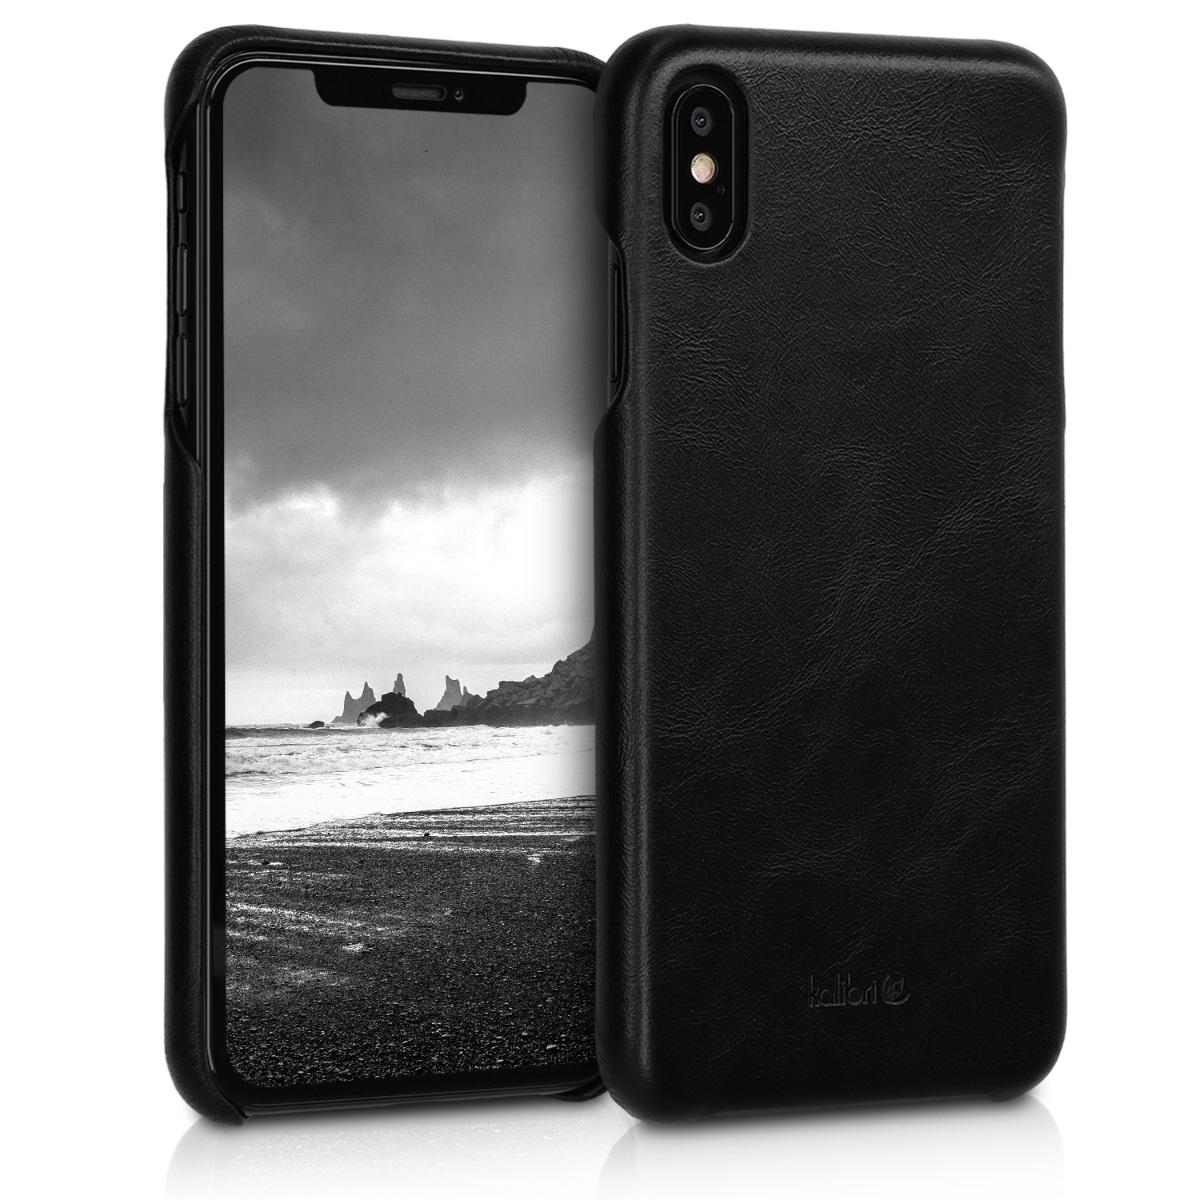 Kalibri Σκληρή Δερμάτινη Θήκη iPhone XS Max - Black (46470.01)